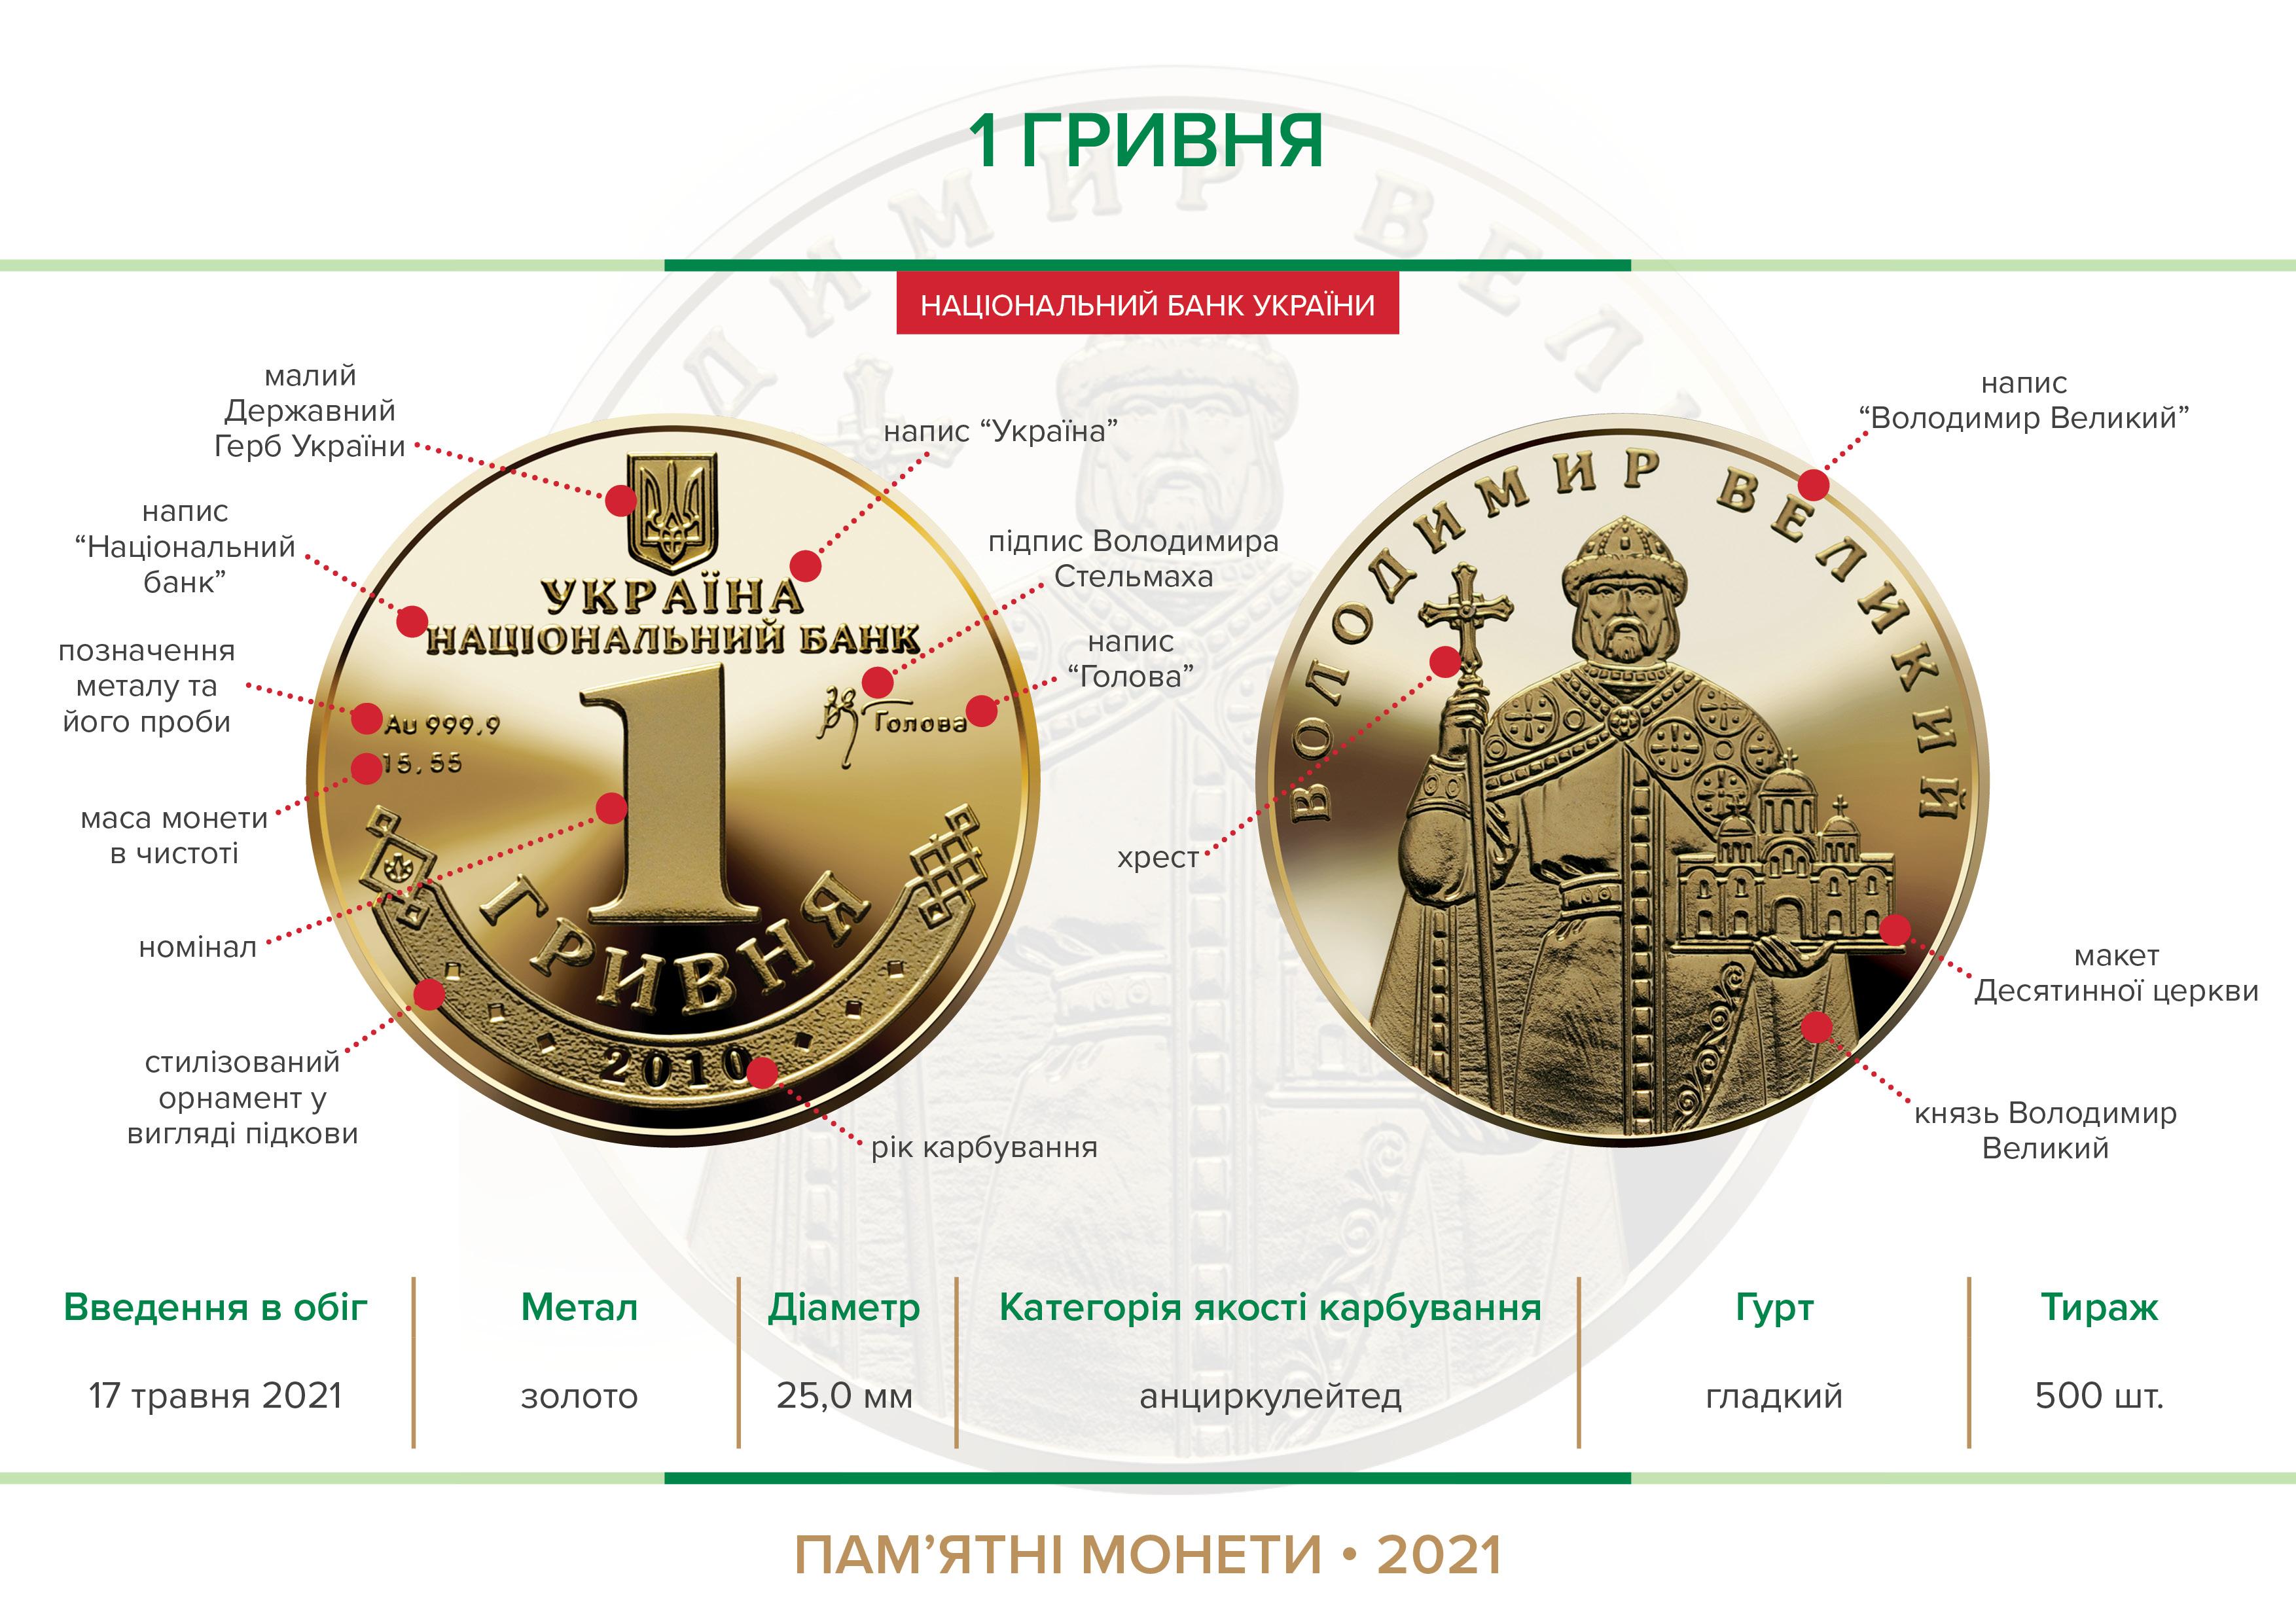 """Національний банк уводить у обіг золоту пам'ятну монету """"1 Гривня"""""""